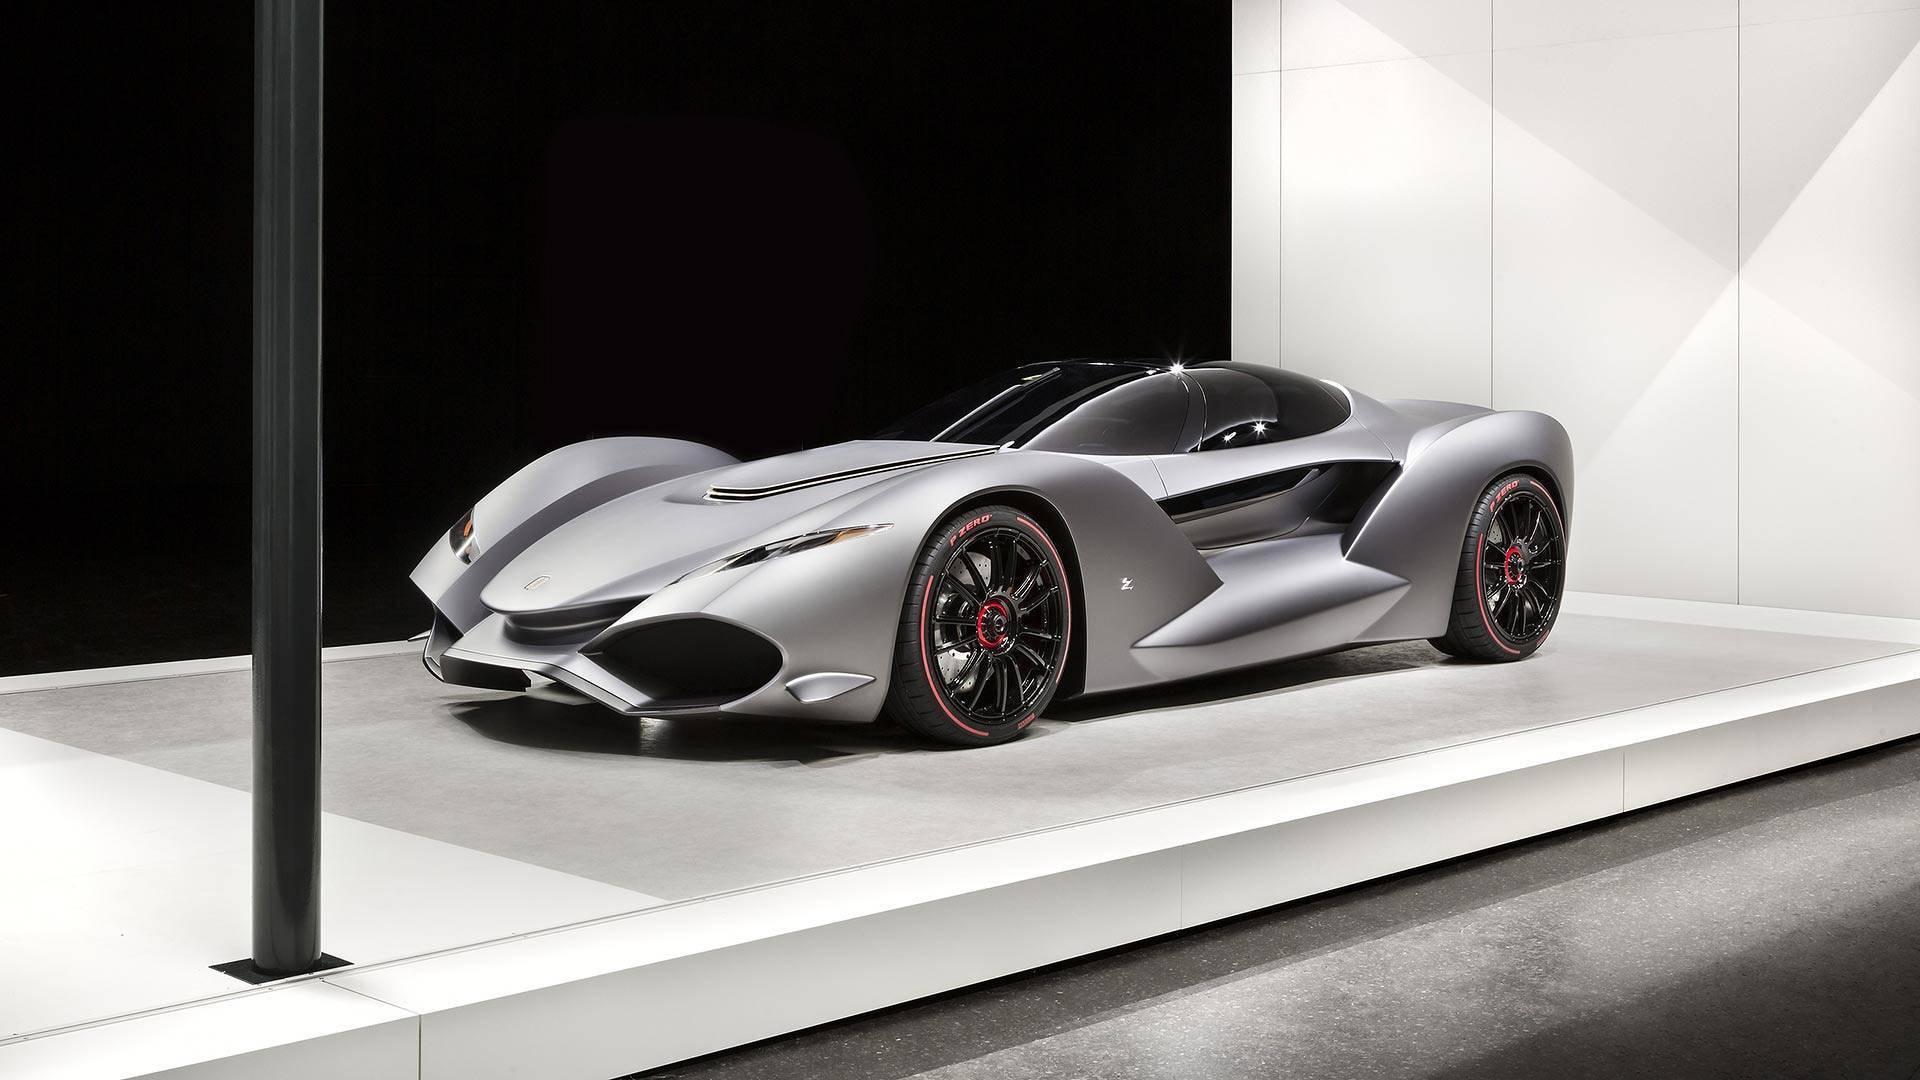 Zagato IsoRivolta Vision GT Wallpapers HD